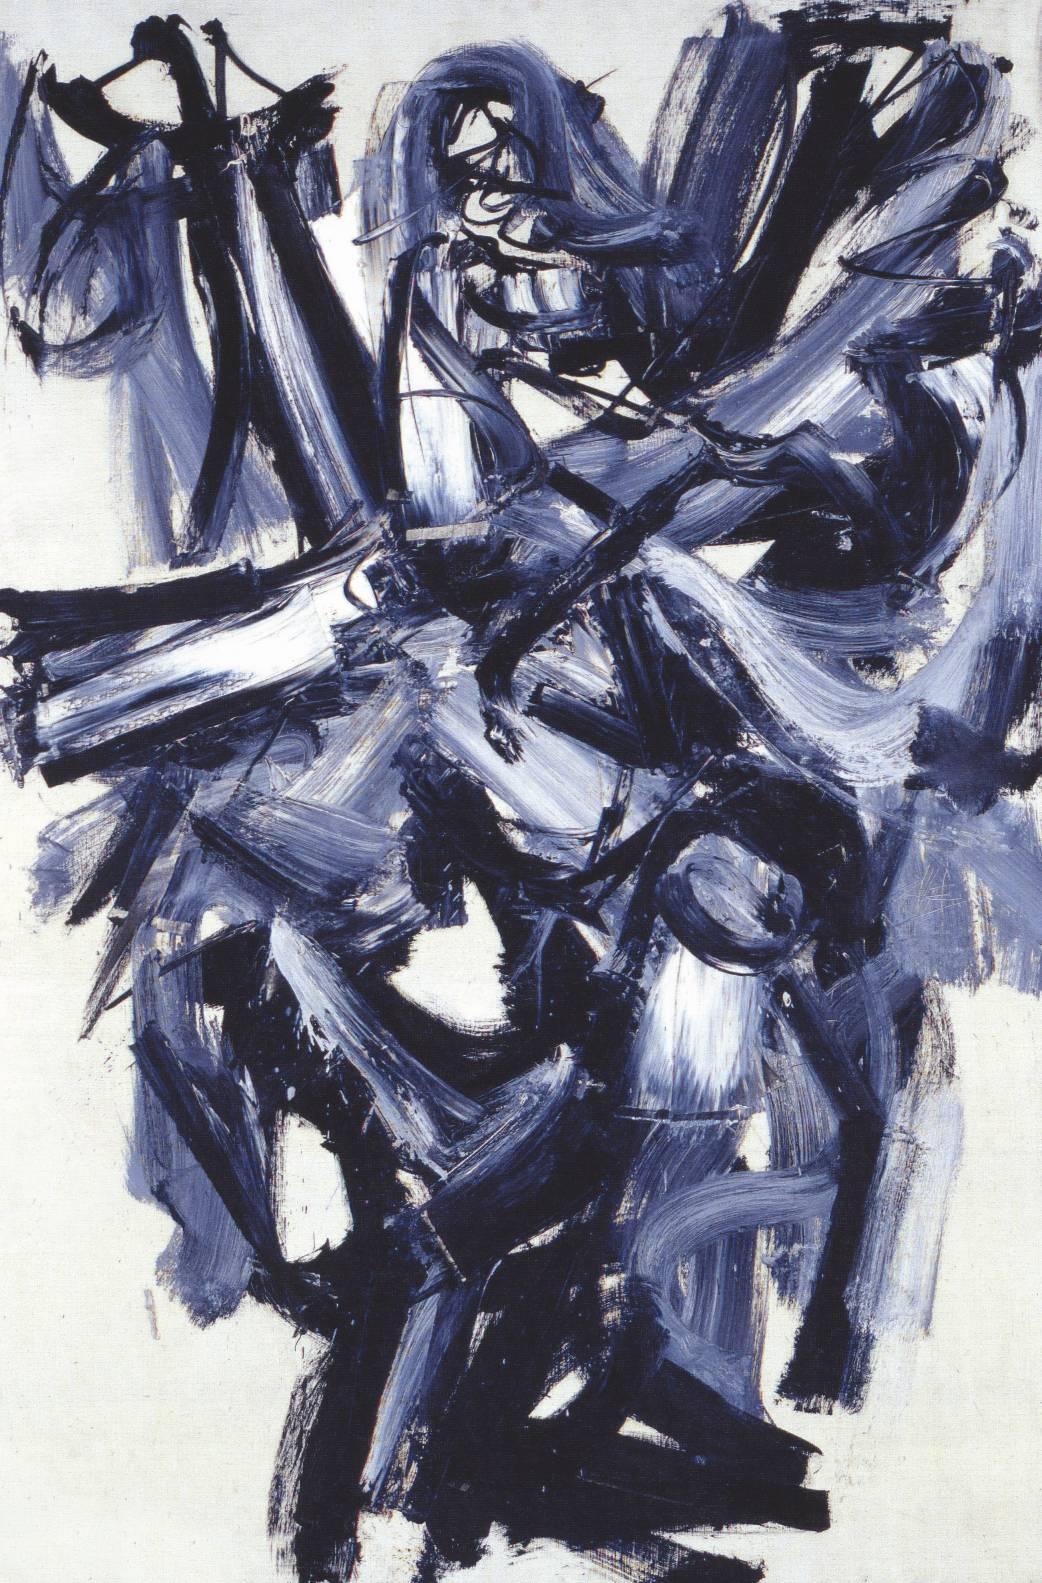 El grito nº 6 (1959) - Antonio Saura